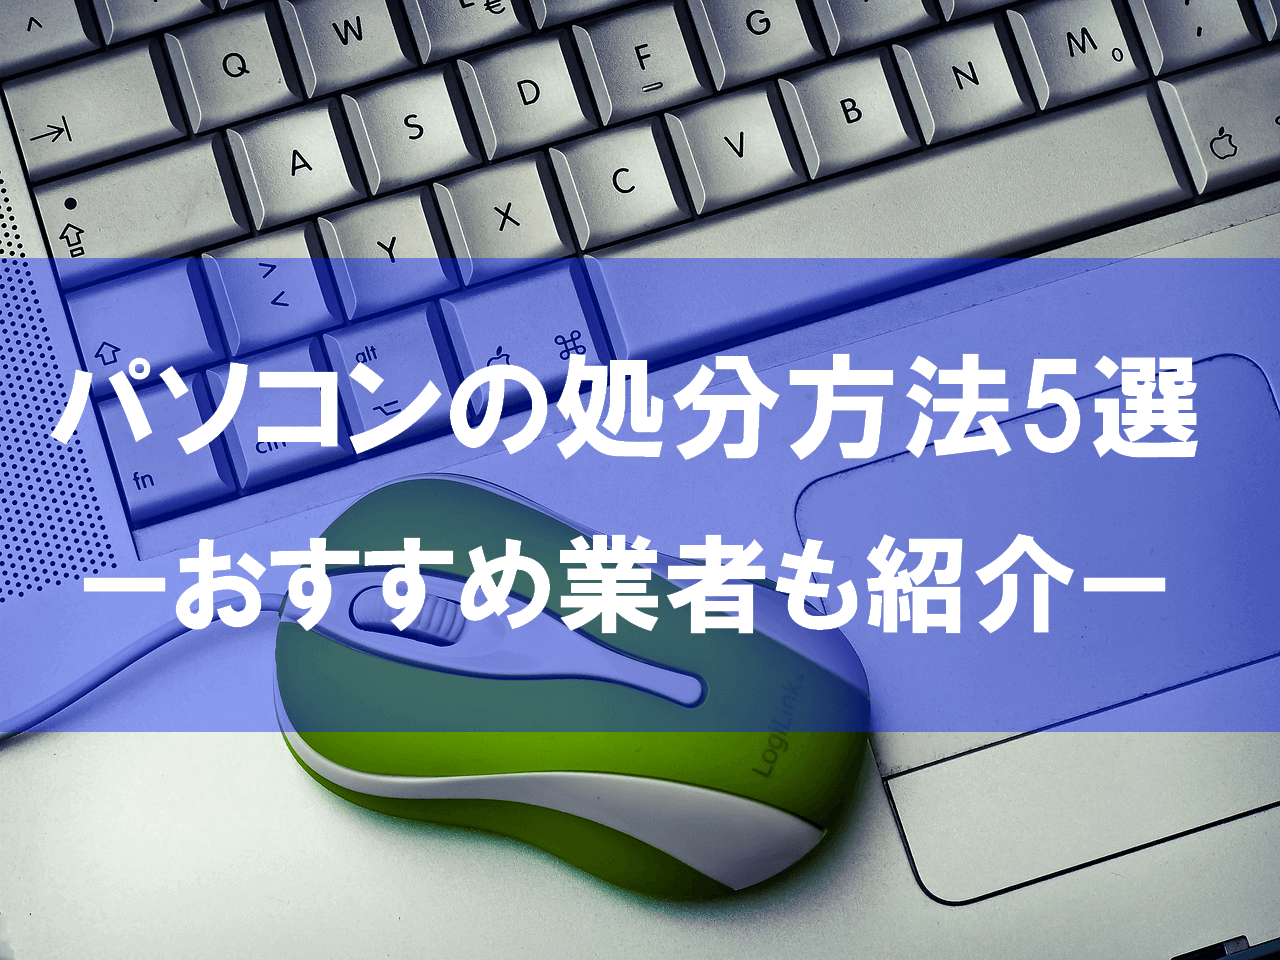 パソコン処分6選|無料回収と安全に破棄するデータ消去